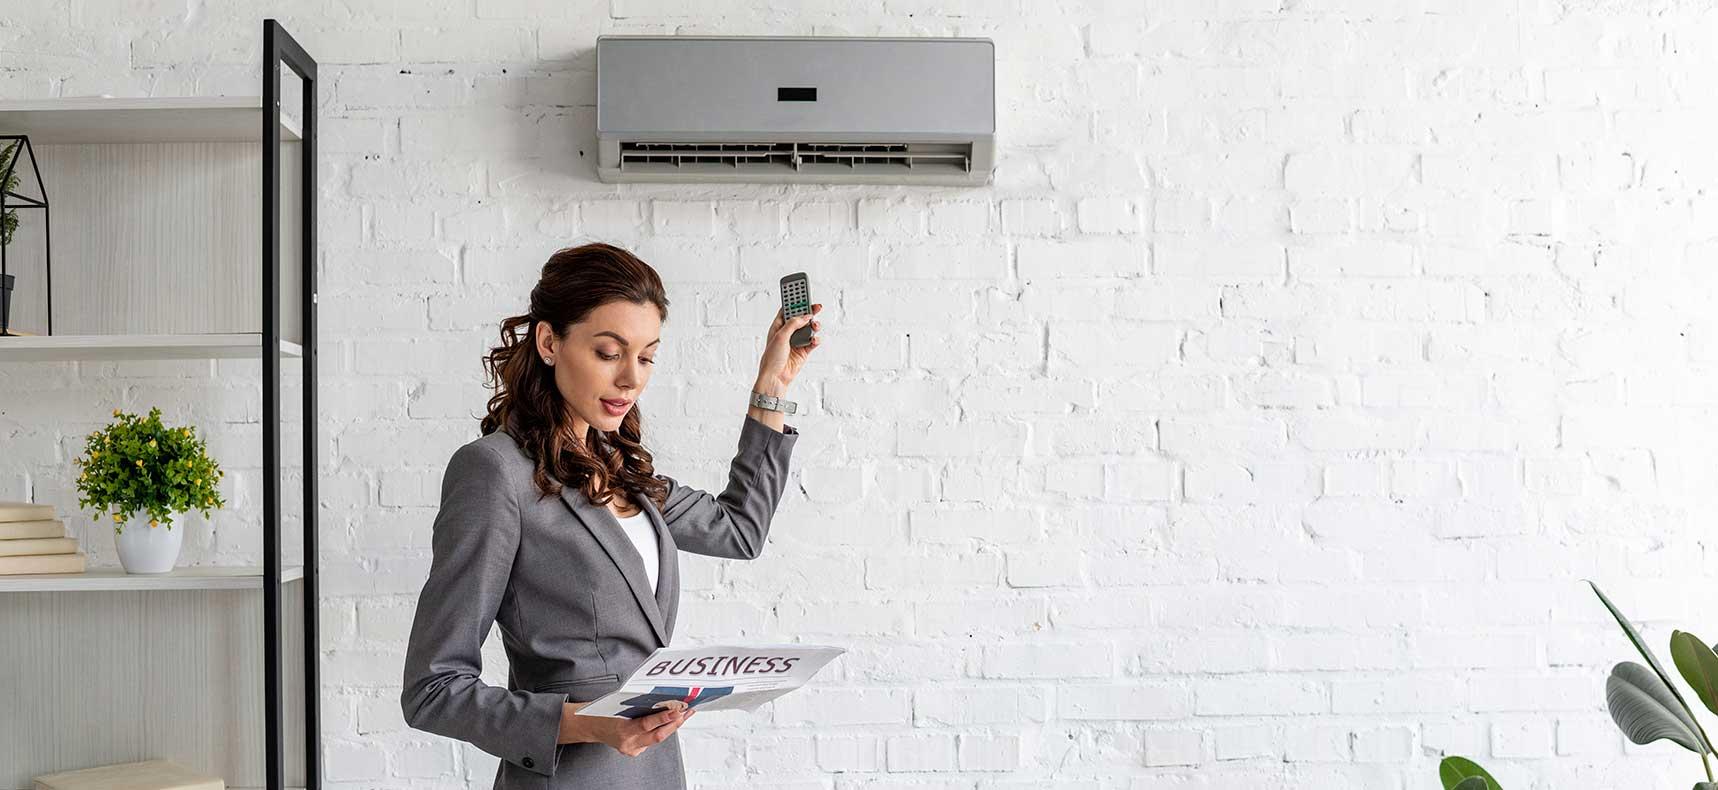 Climatización, diseño, confort y eficiencia energética